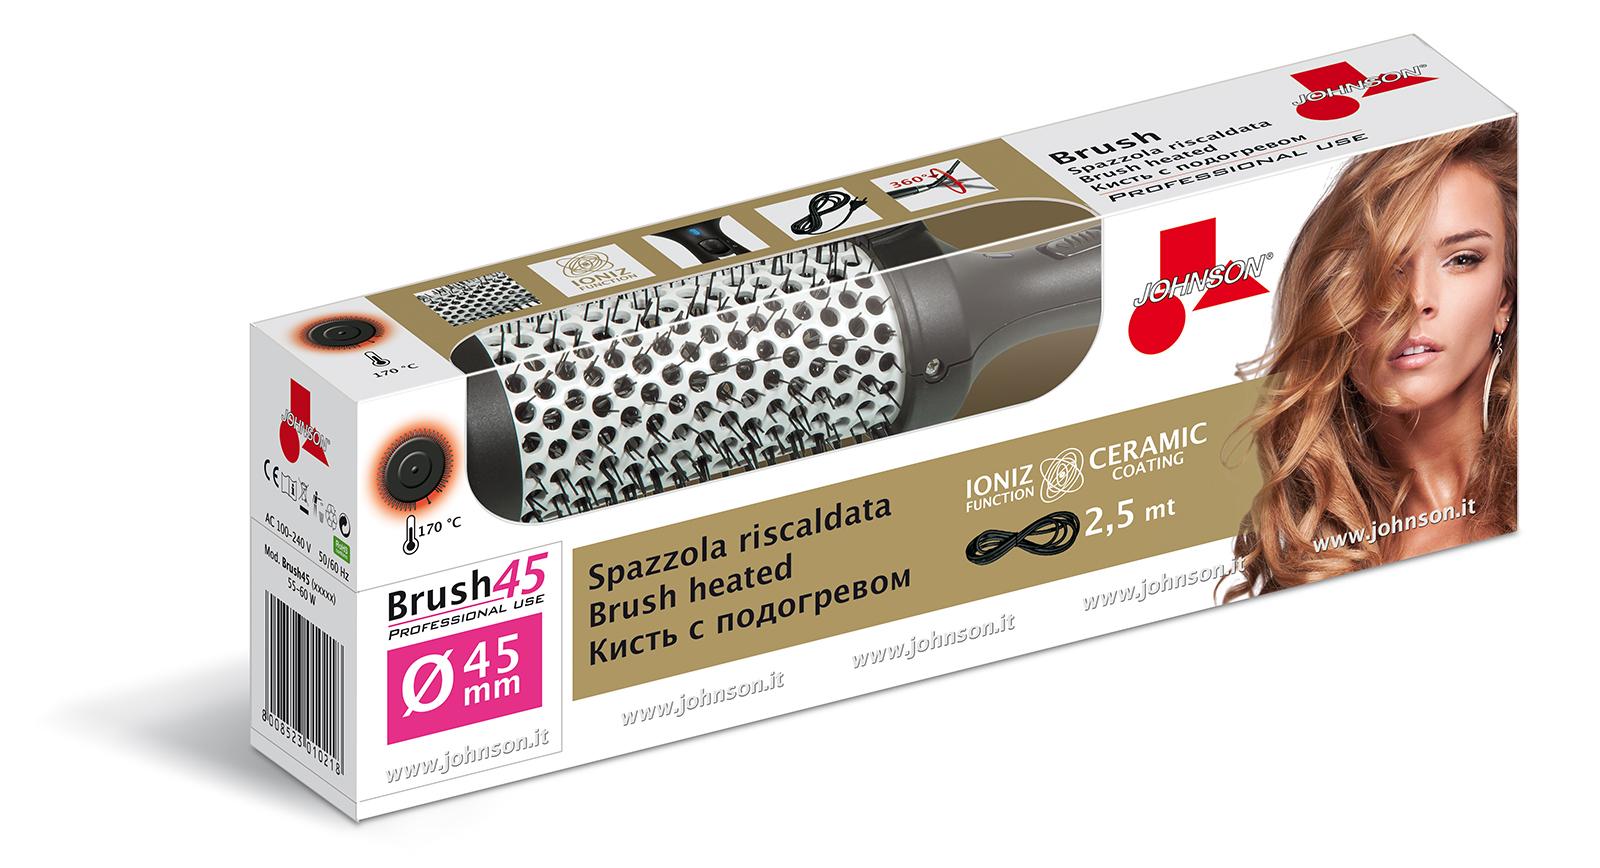 Brush30-38-45-BOX-09-2014